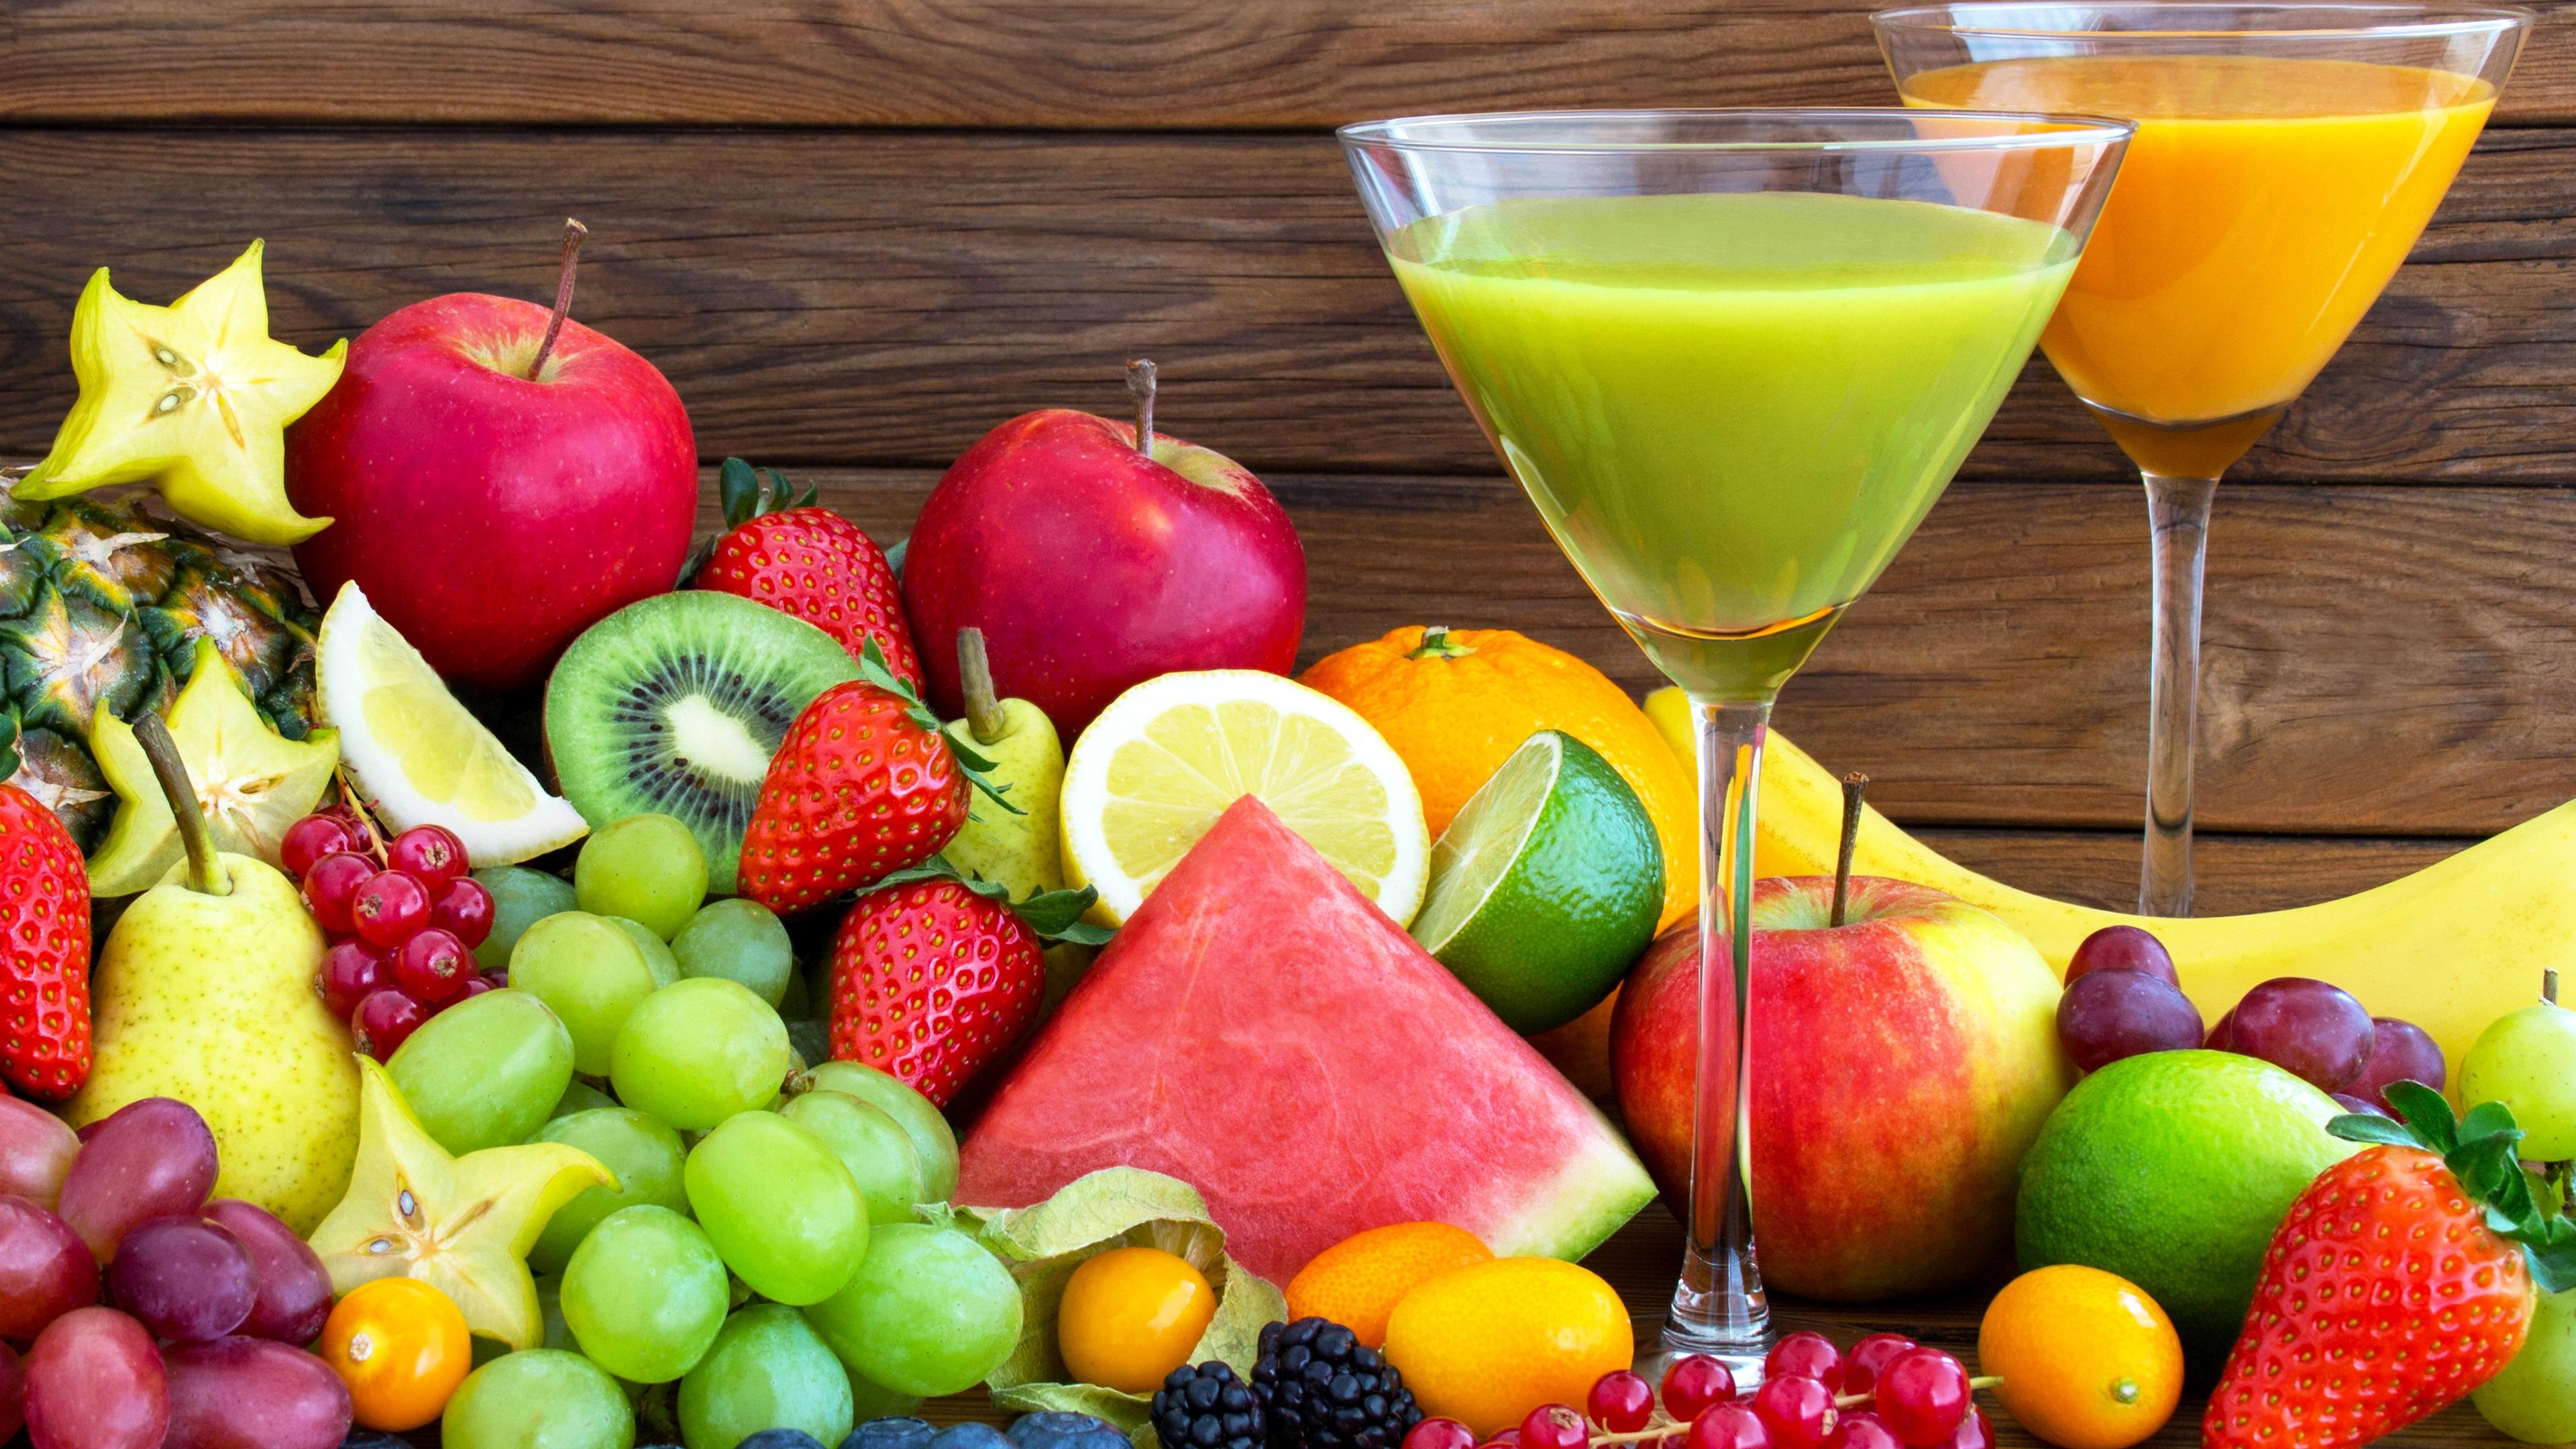 Viele Früchte, leckeres Essen, Getränke 3840x2160 UHD 4K ...